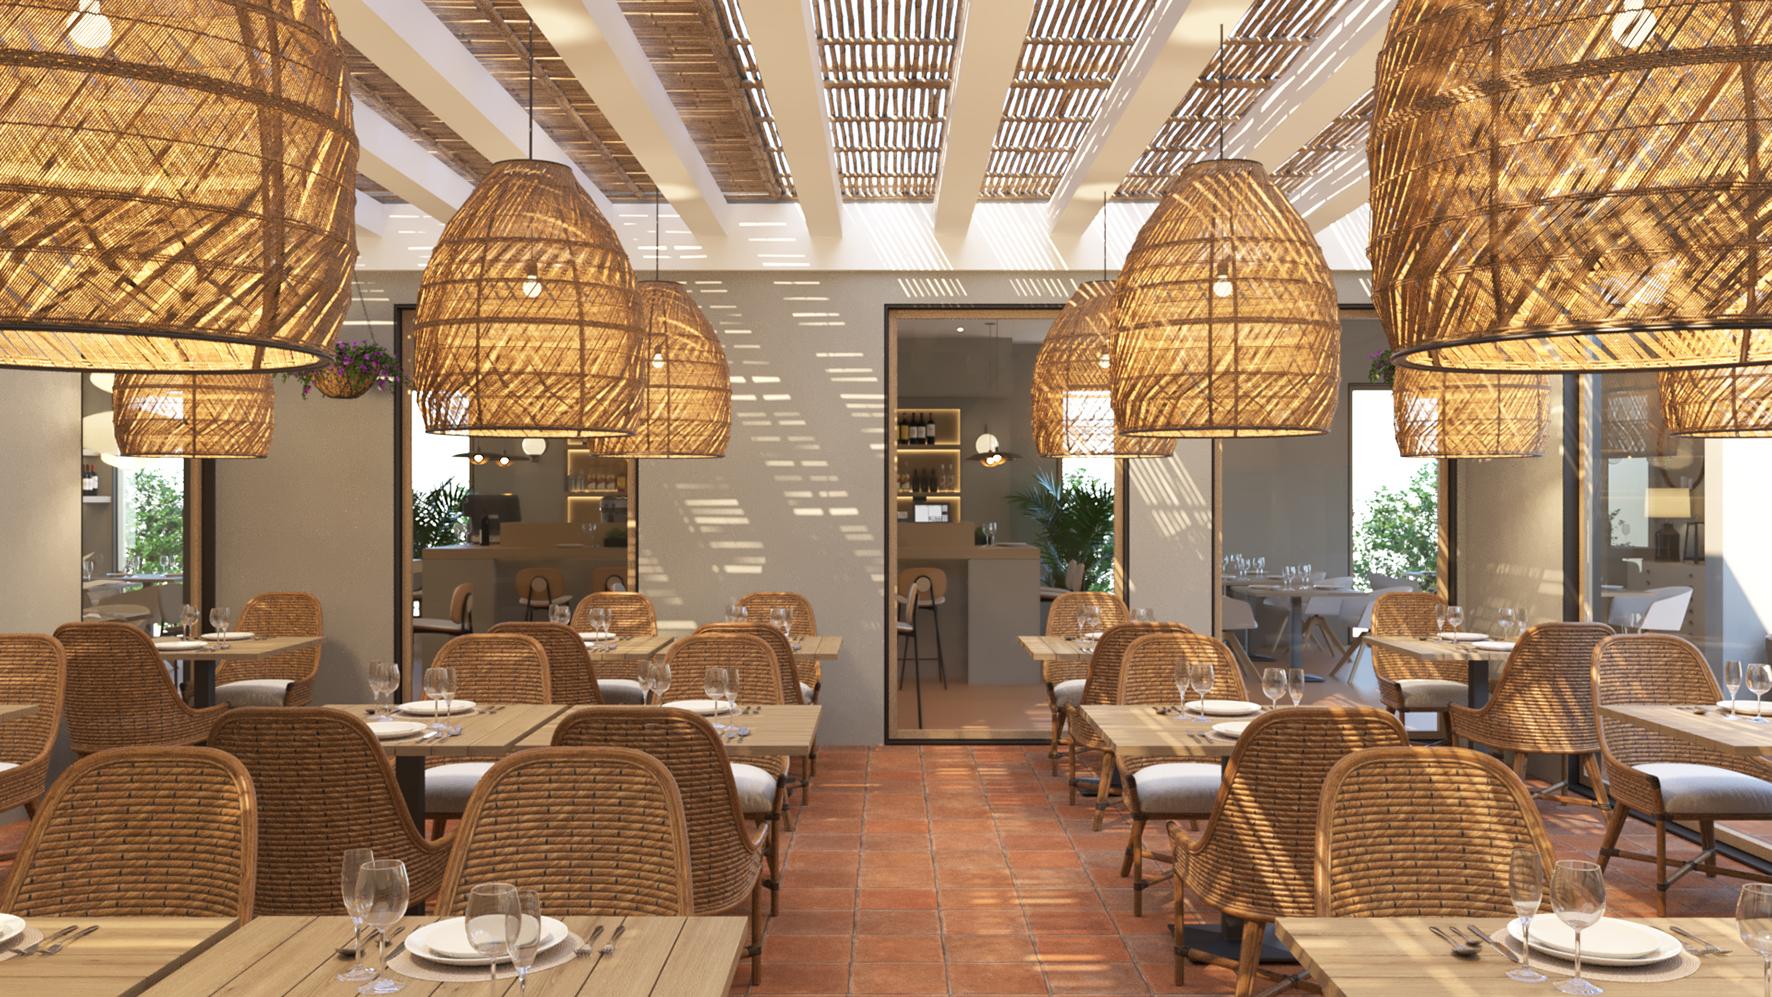 Restaurant_Terraza_03v